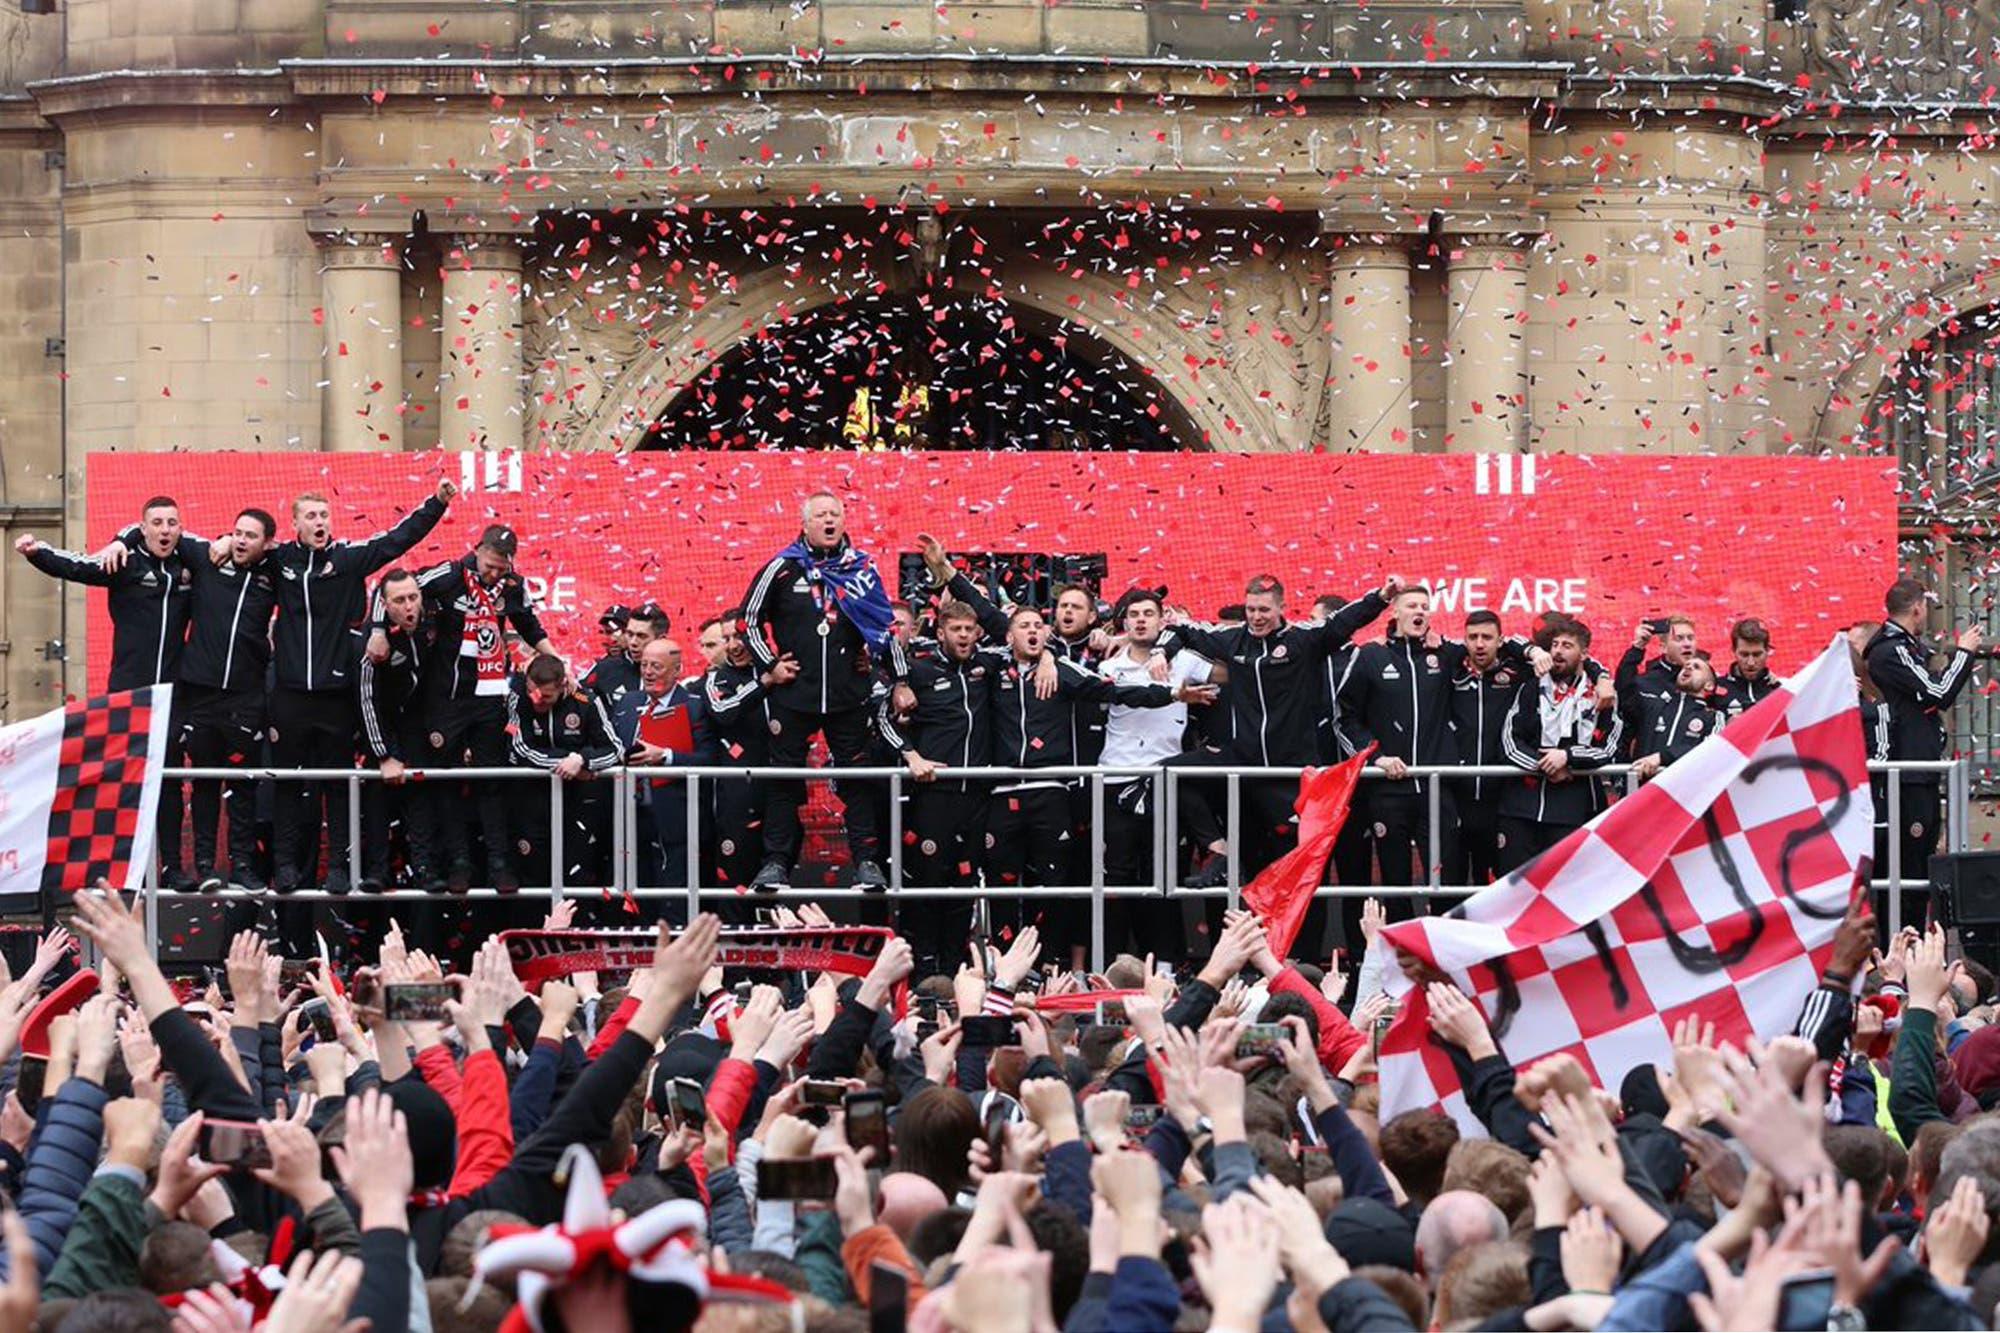 El equipo recién ascendido a la Premier League que fue financiado por Osama Ben Laden